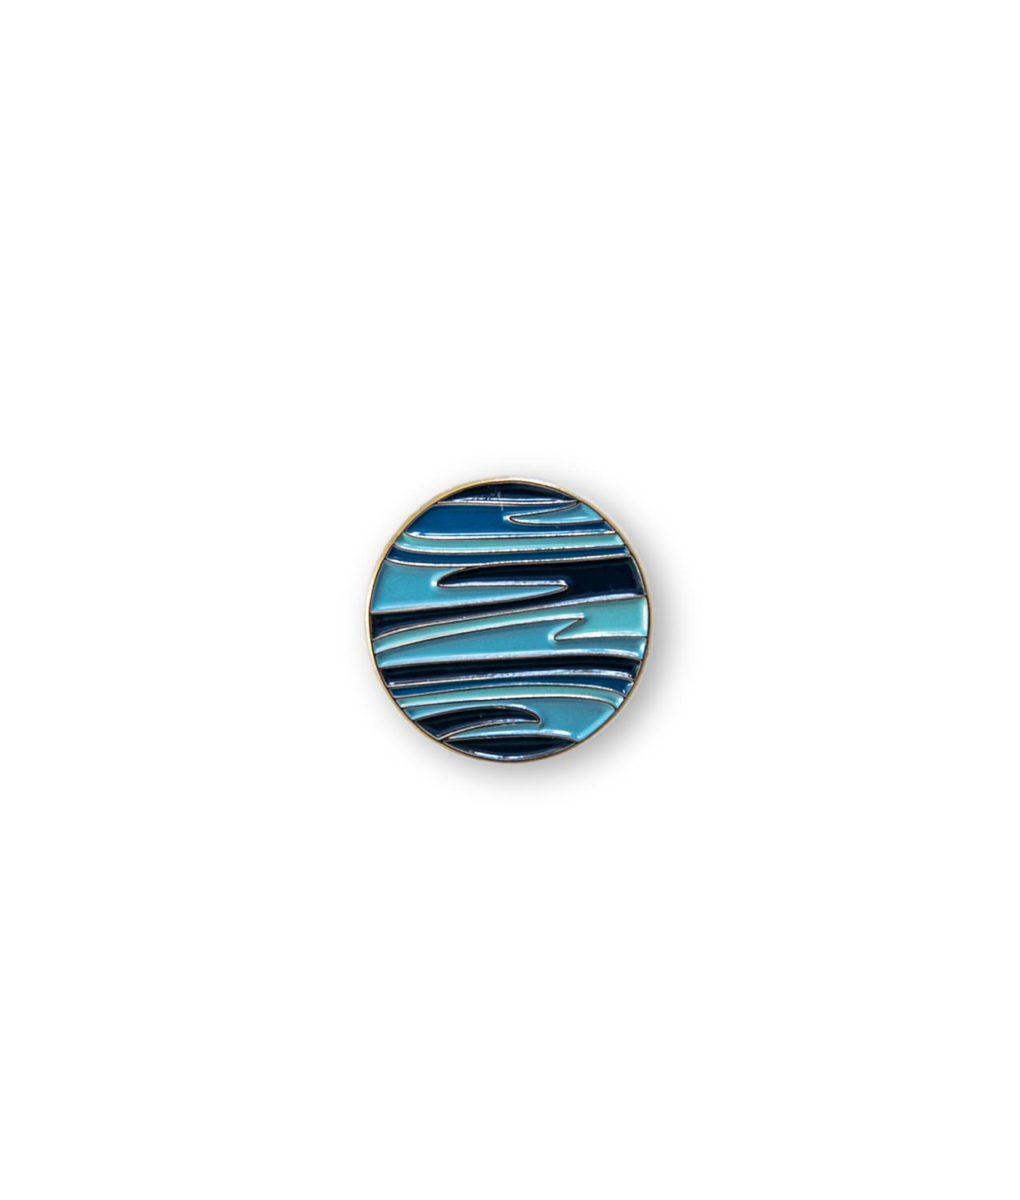 Planeta-azul-1-wandering-orion